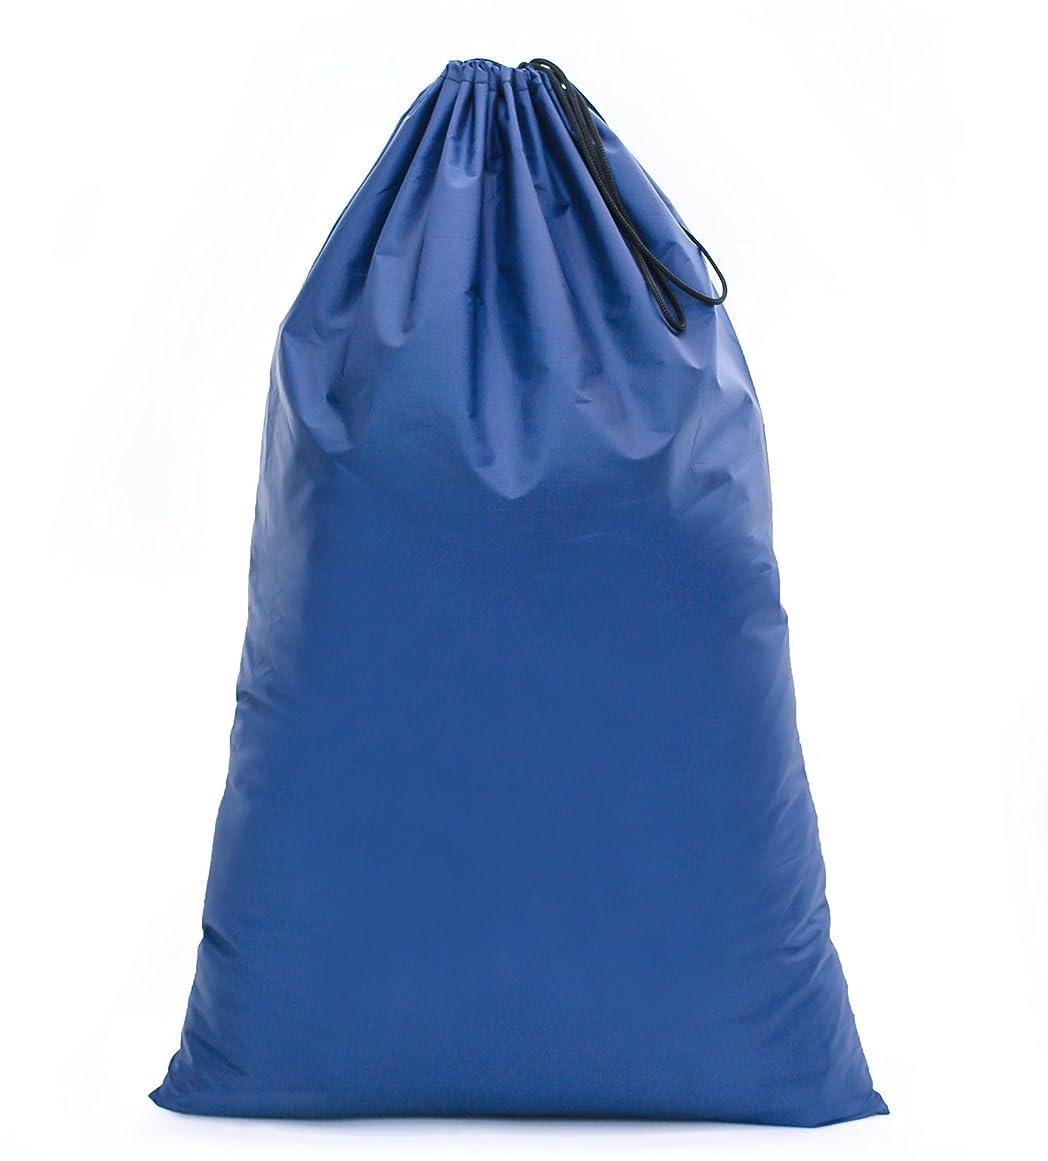 硬さスキップ関連する【Y.WINNER】特大サイズ 巾着袋 収納袋 (106*70CM)撥水加工 アウトドア キャンプ 旅行 バッグ 万能巾着袋 大きいサイズの着替え袋にも使える (106*70)